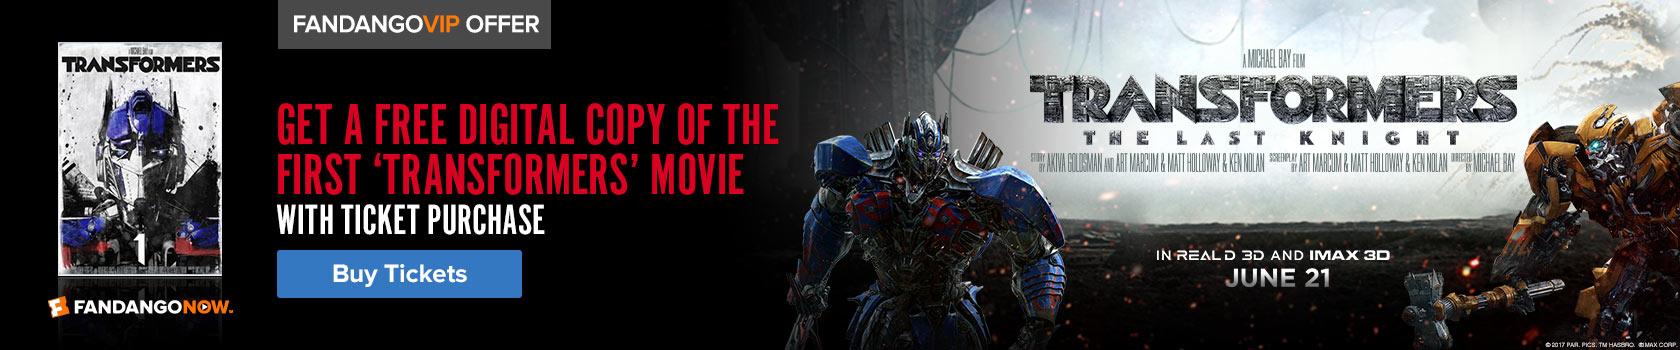 Fandango Transformers Free Gift